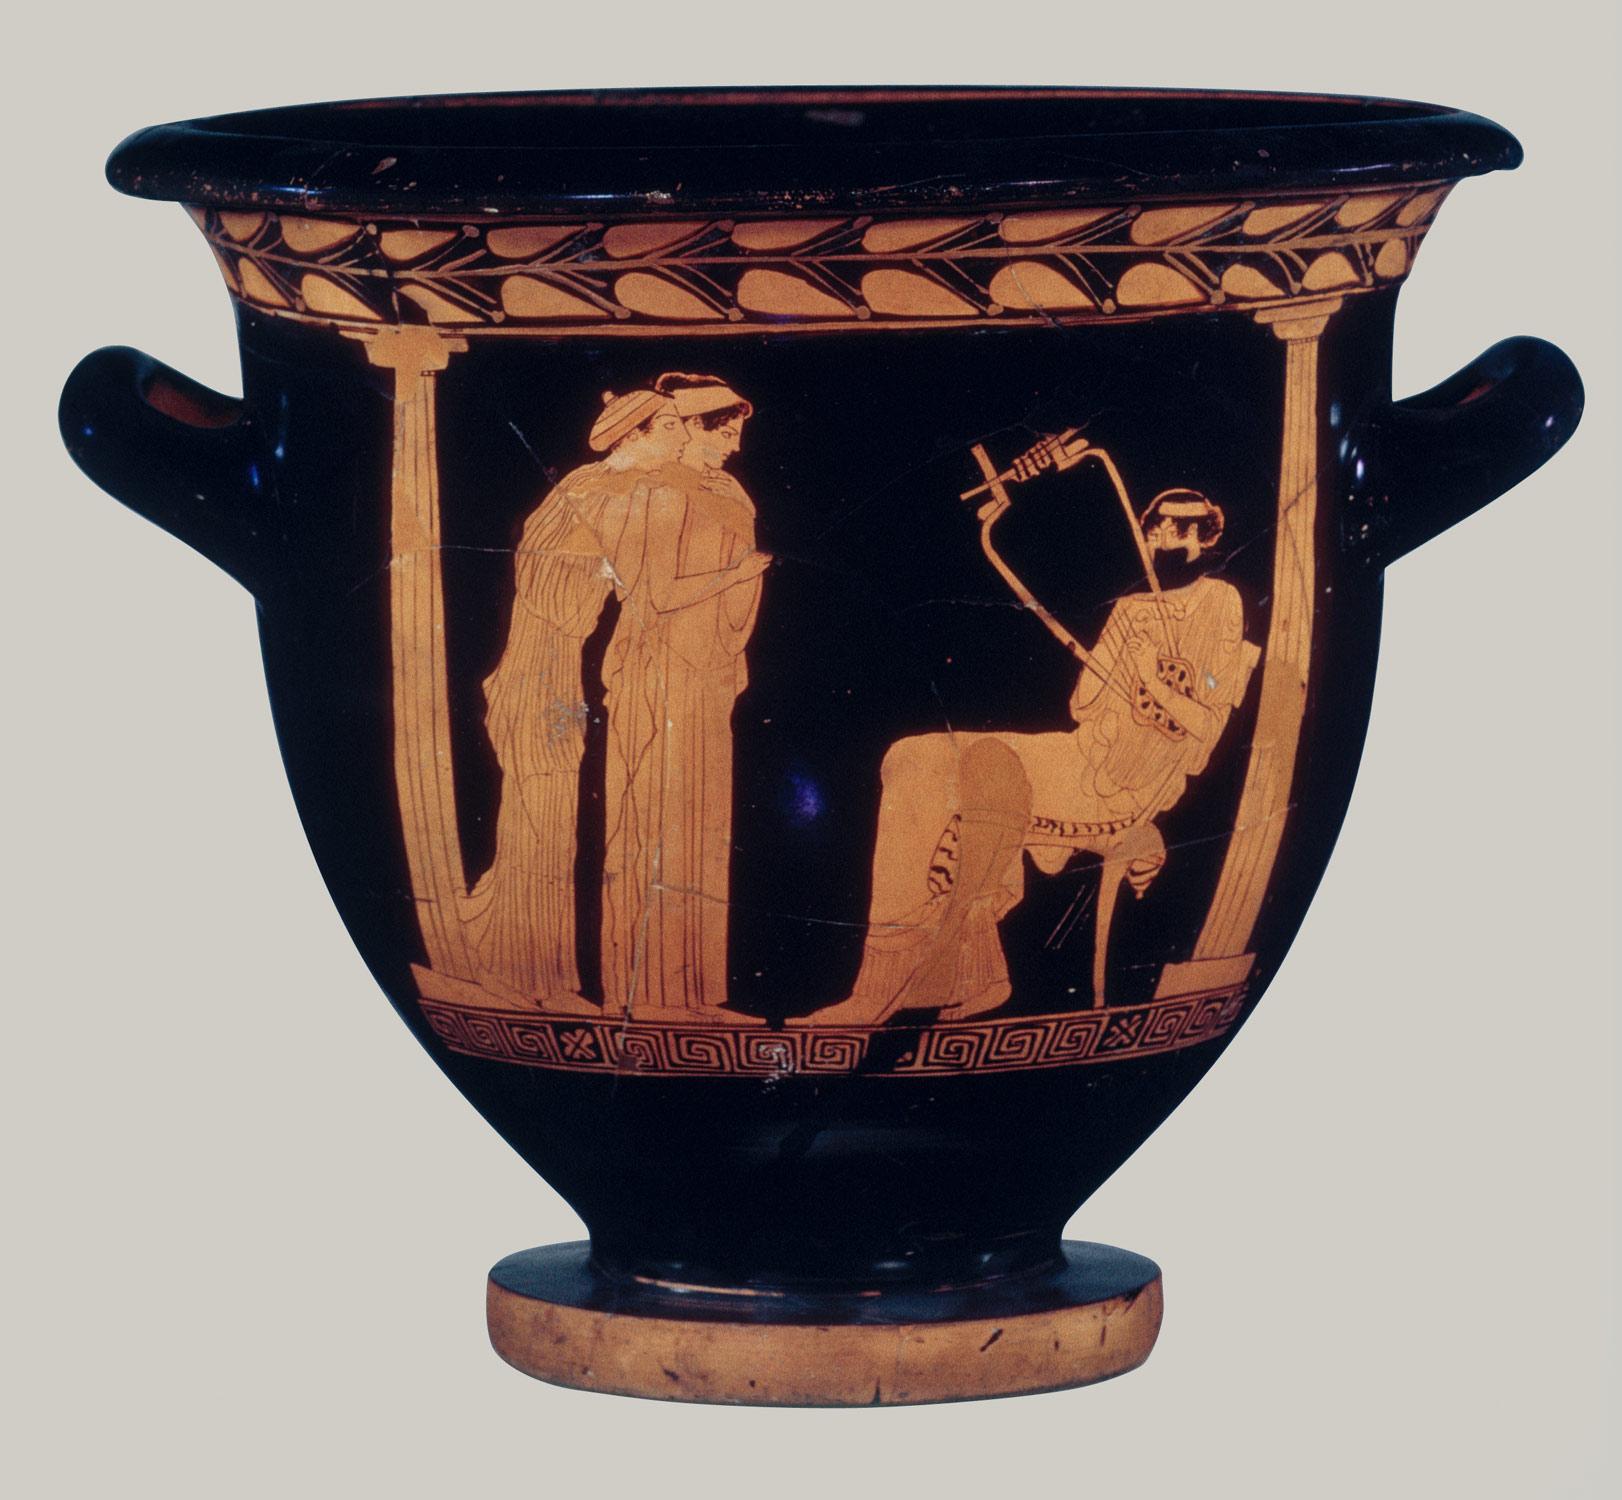 Image result for ancient greek orator vase